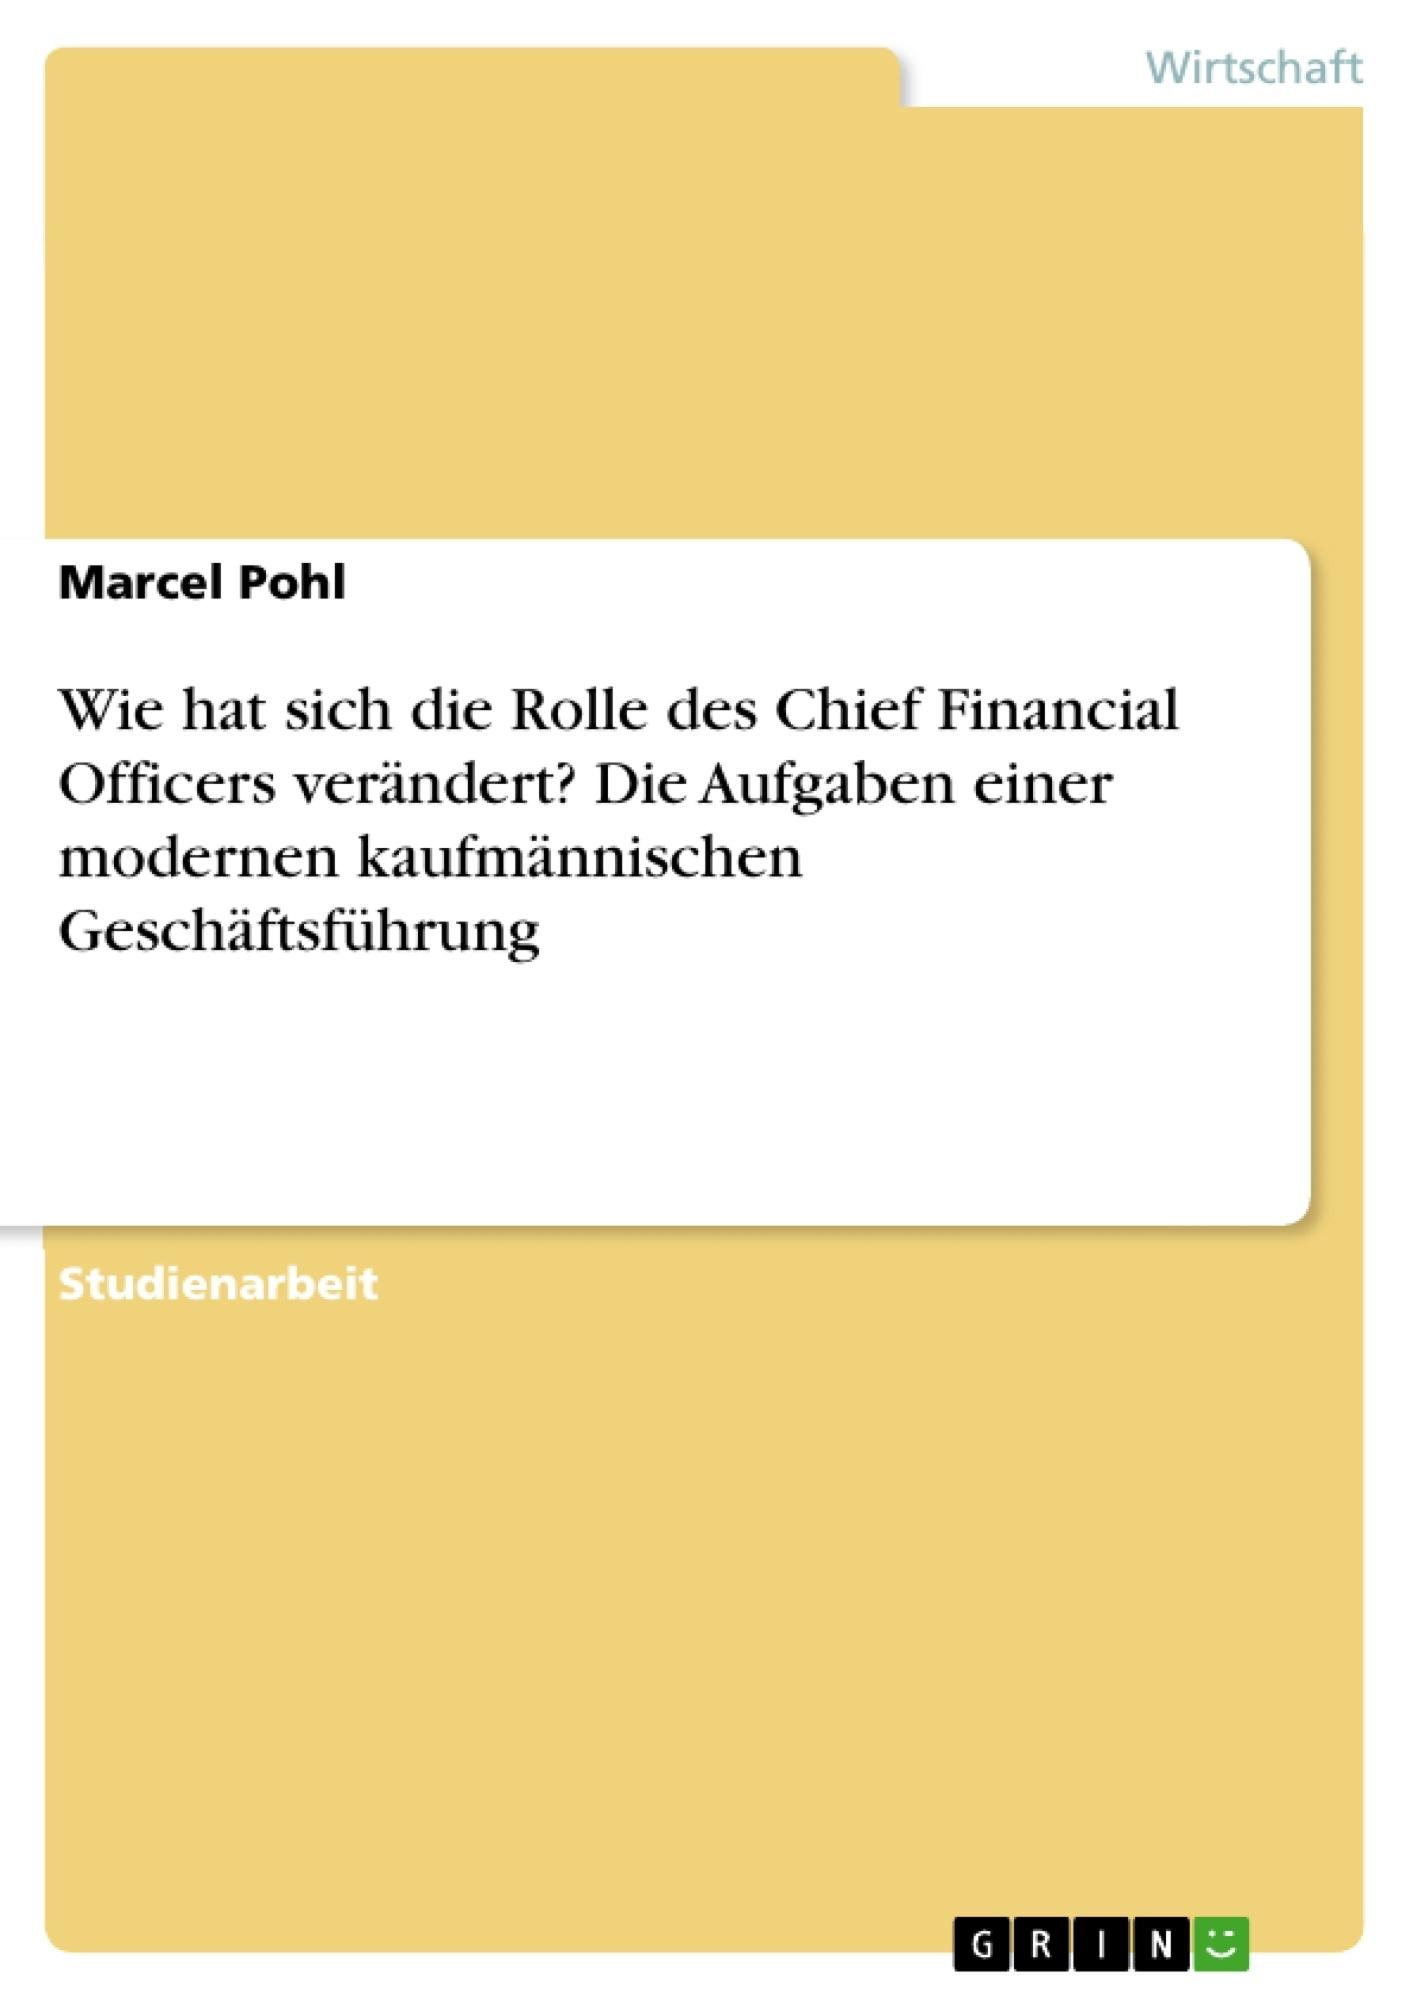 Titel: Wie hat sich die Rolle des Chief Financial Officers verändert? Die Aufgaben einer modernen kaufmännischen Geschäftsführung